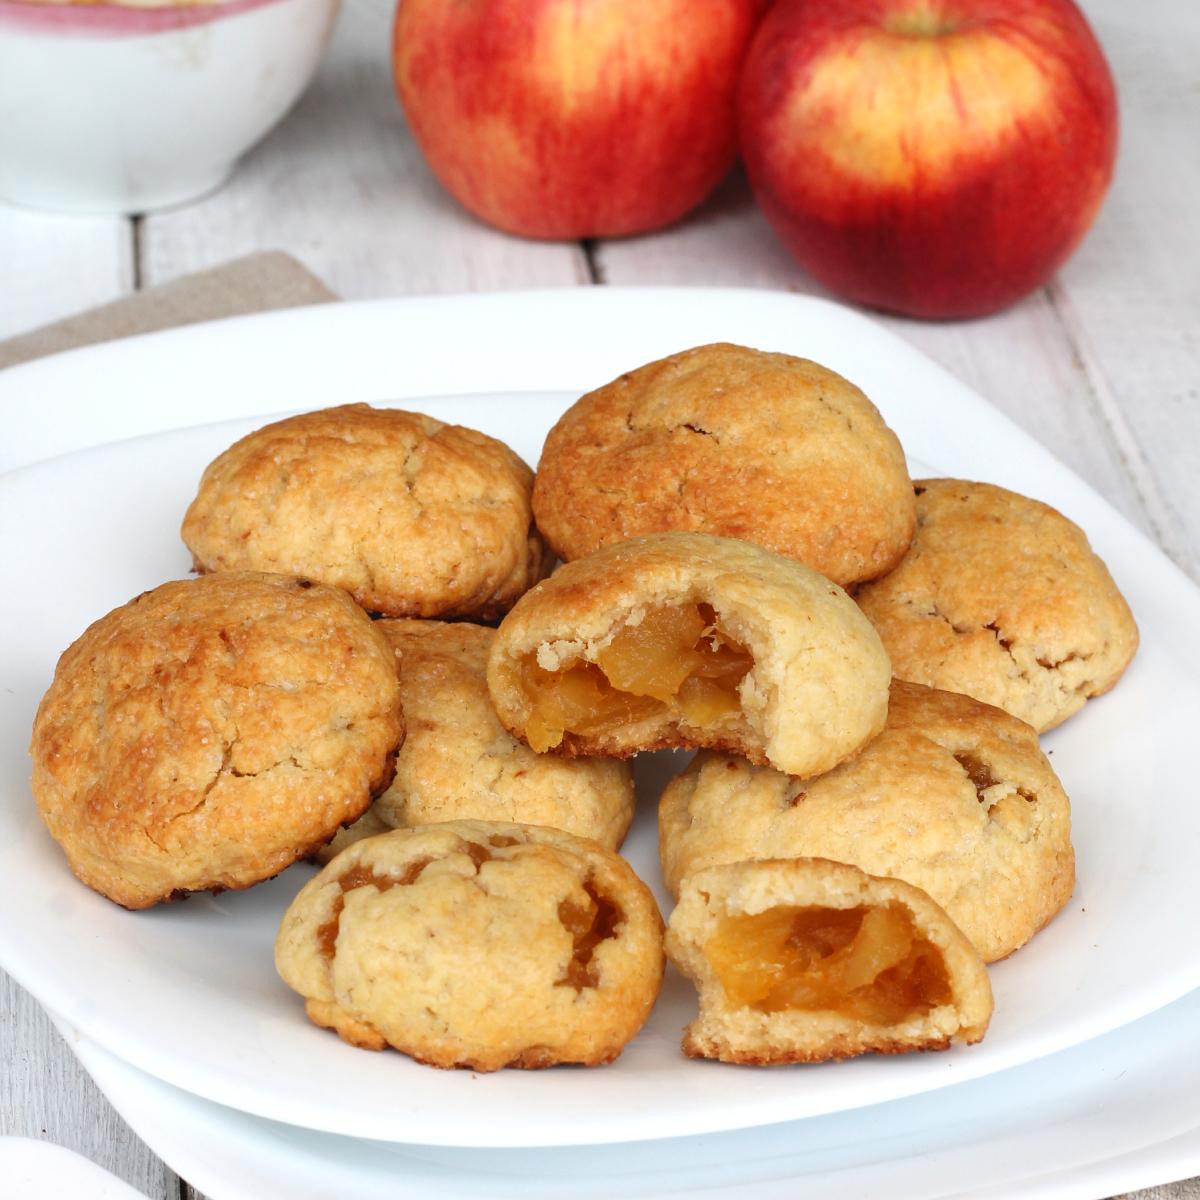 CUOR DI MELA mulino bianco fatti in casa  ricetta biscotti ripieni di mele | biscotti di mele